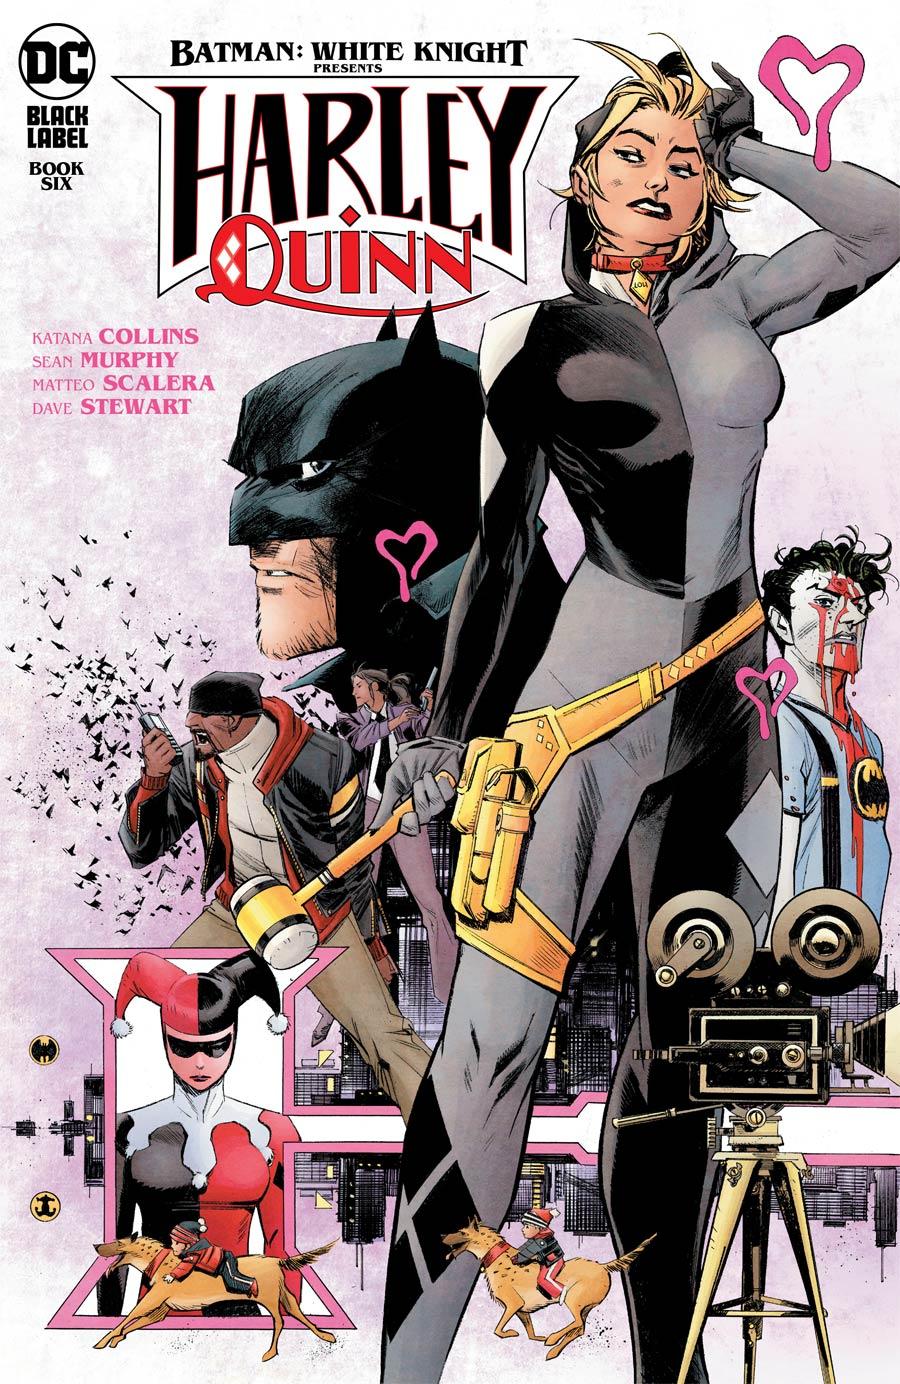 Batman White Knight Presents Harley Quinn #6 Cover A Regular Sean Murphy Cover